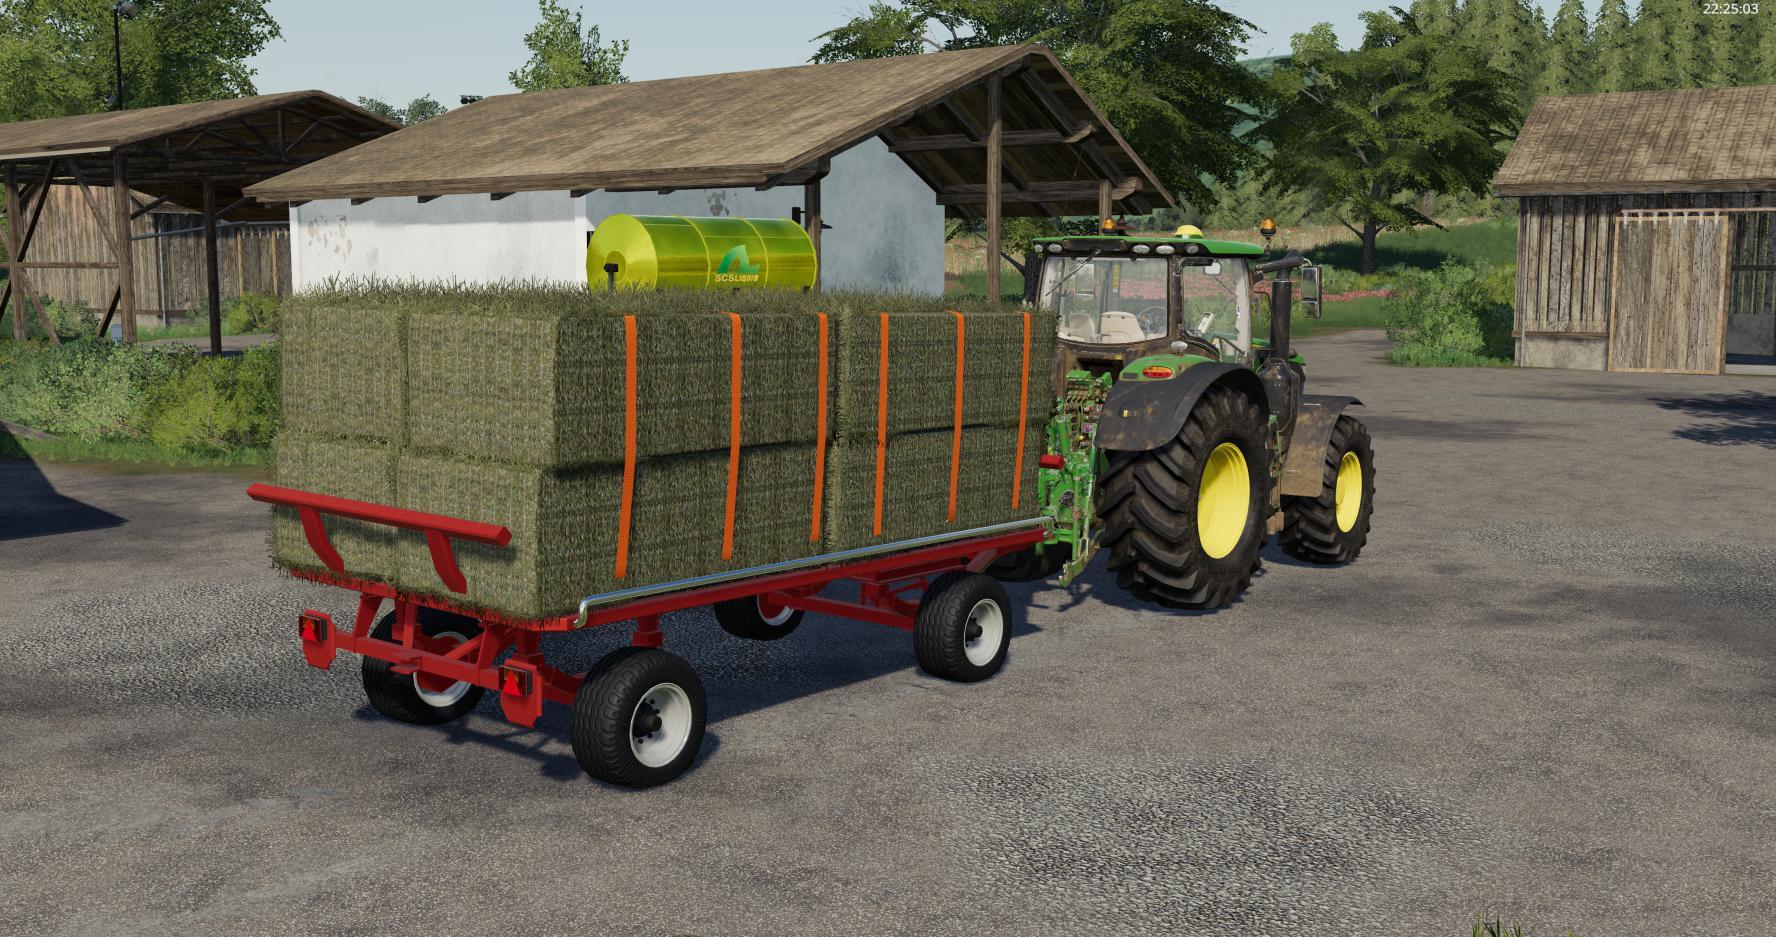 Krone Emsland Ballen Wagon v 1.0